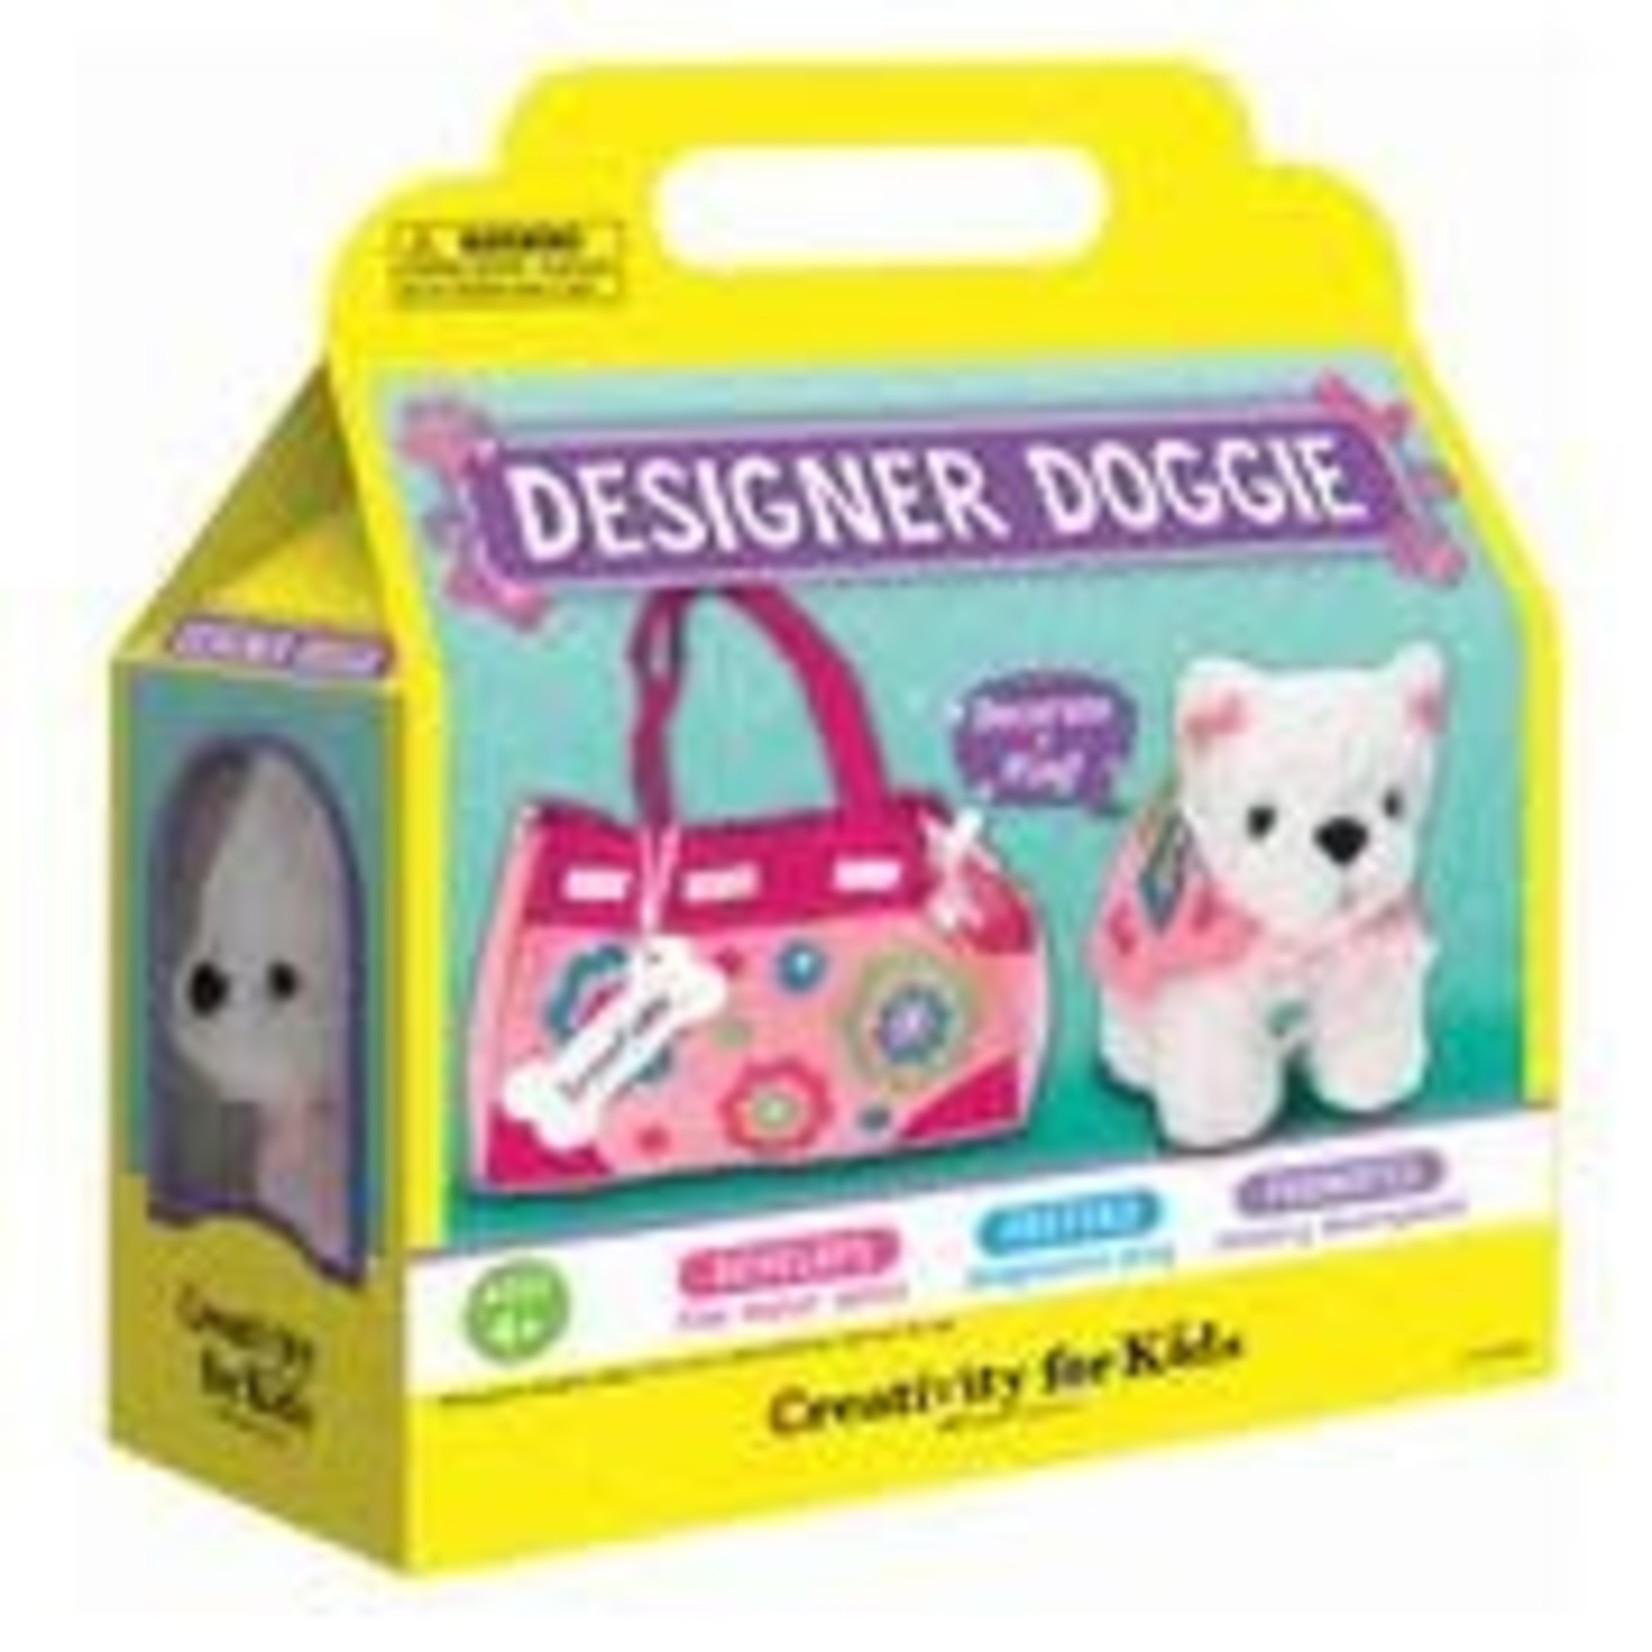 Creativity For Kids My First Designer Doggie